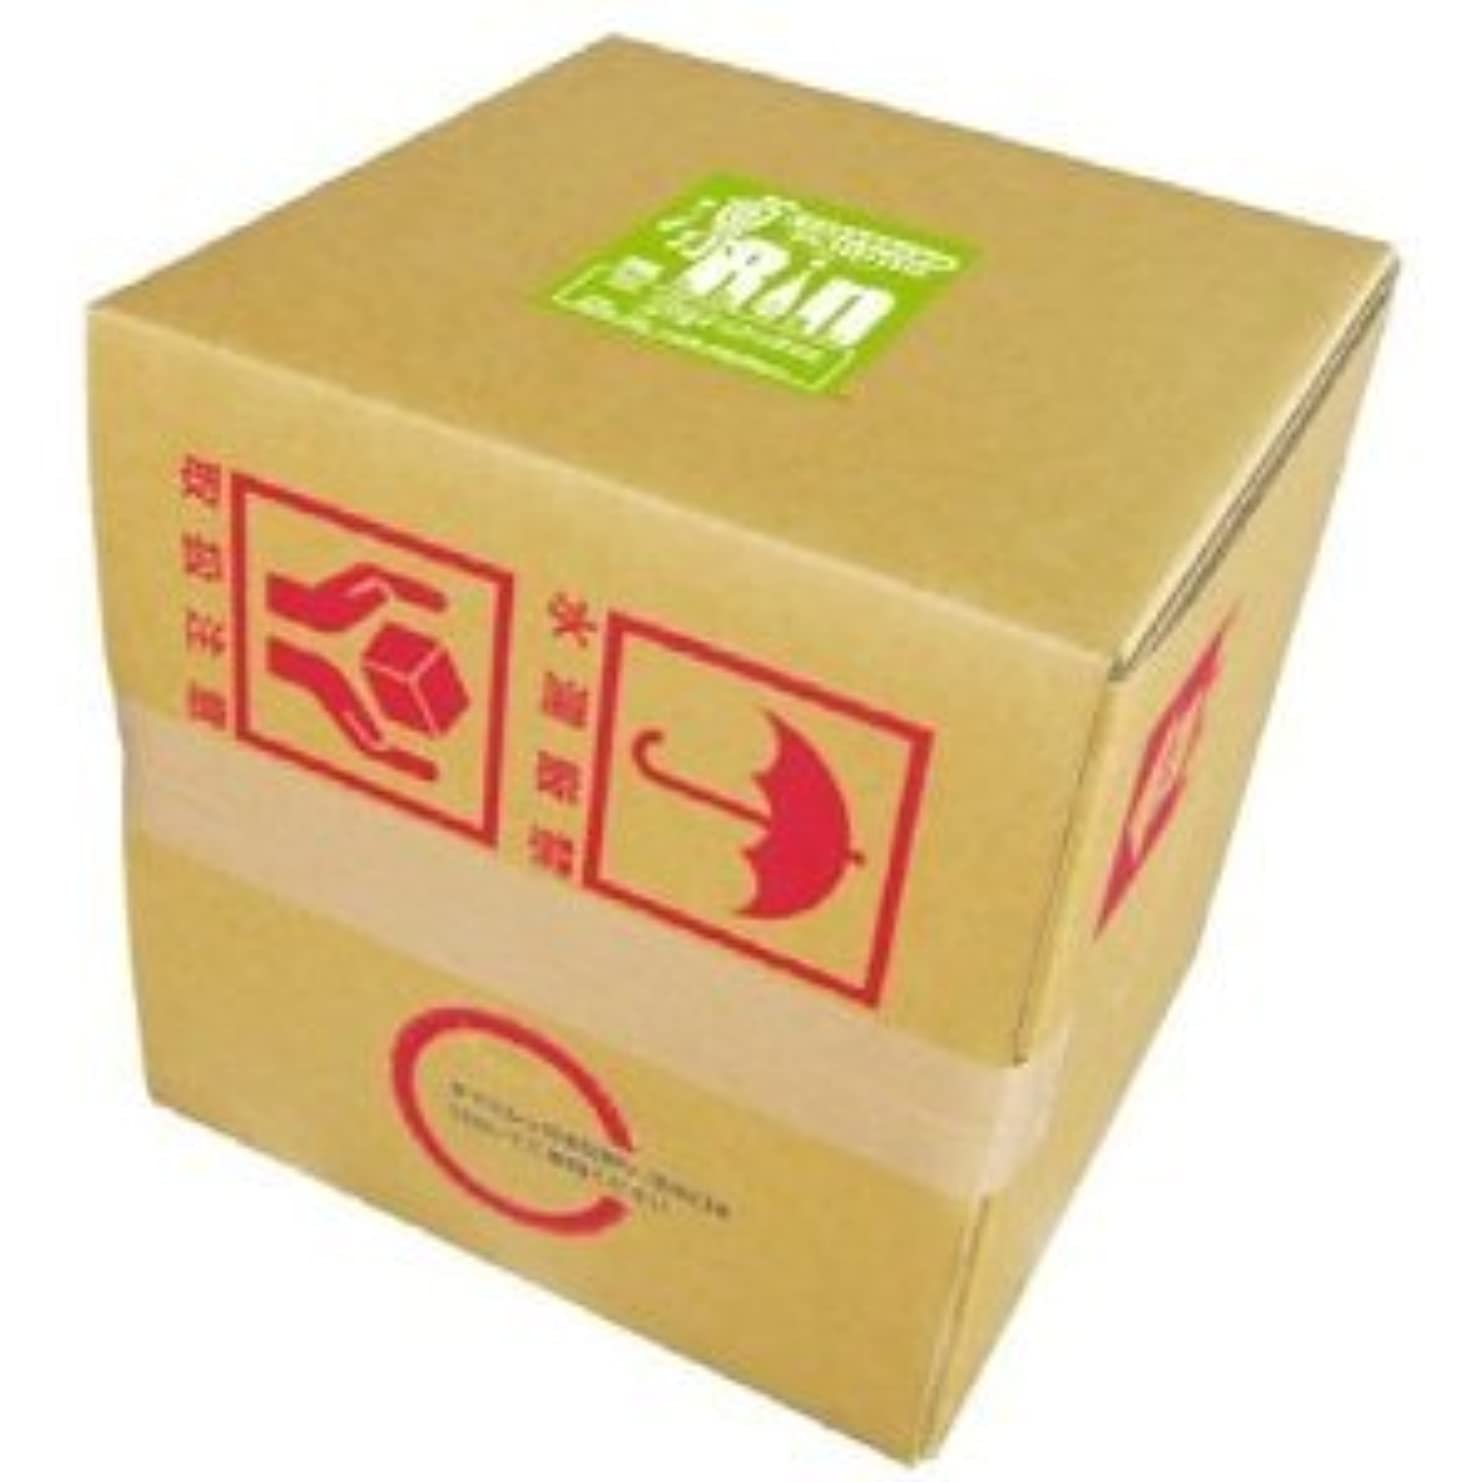 識字鳥悲しむくさの葉化粧品 ボディソープ 凛 20リットル 箱